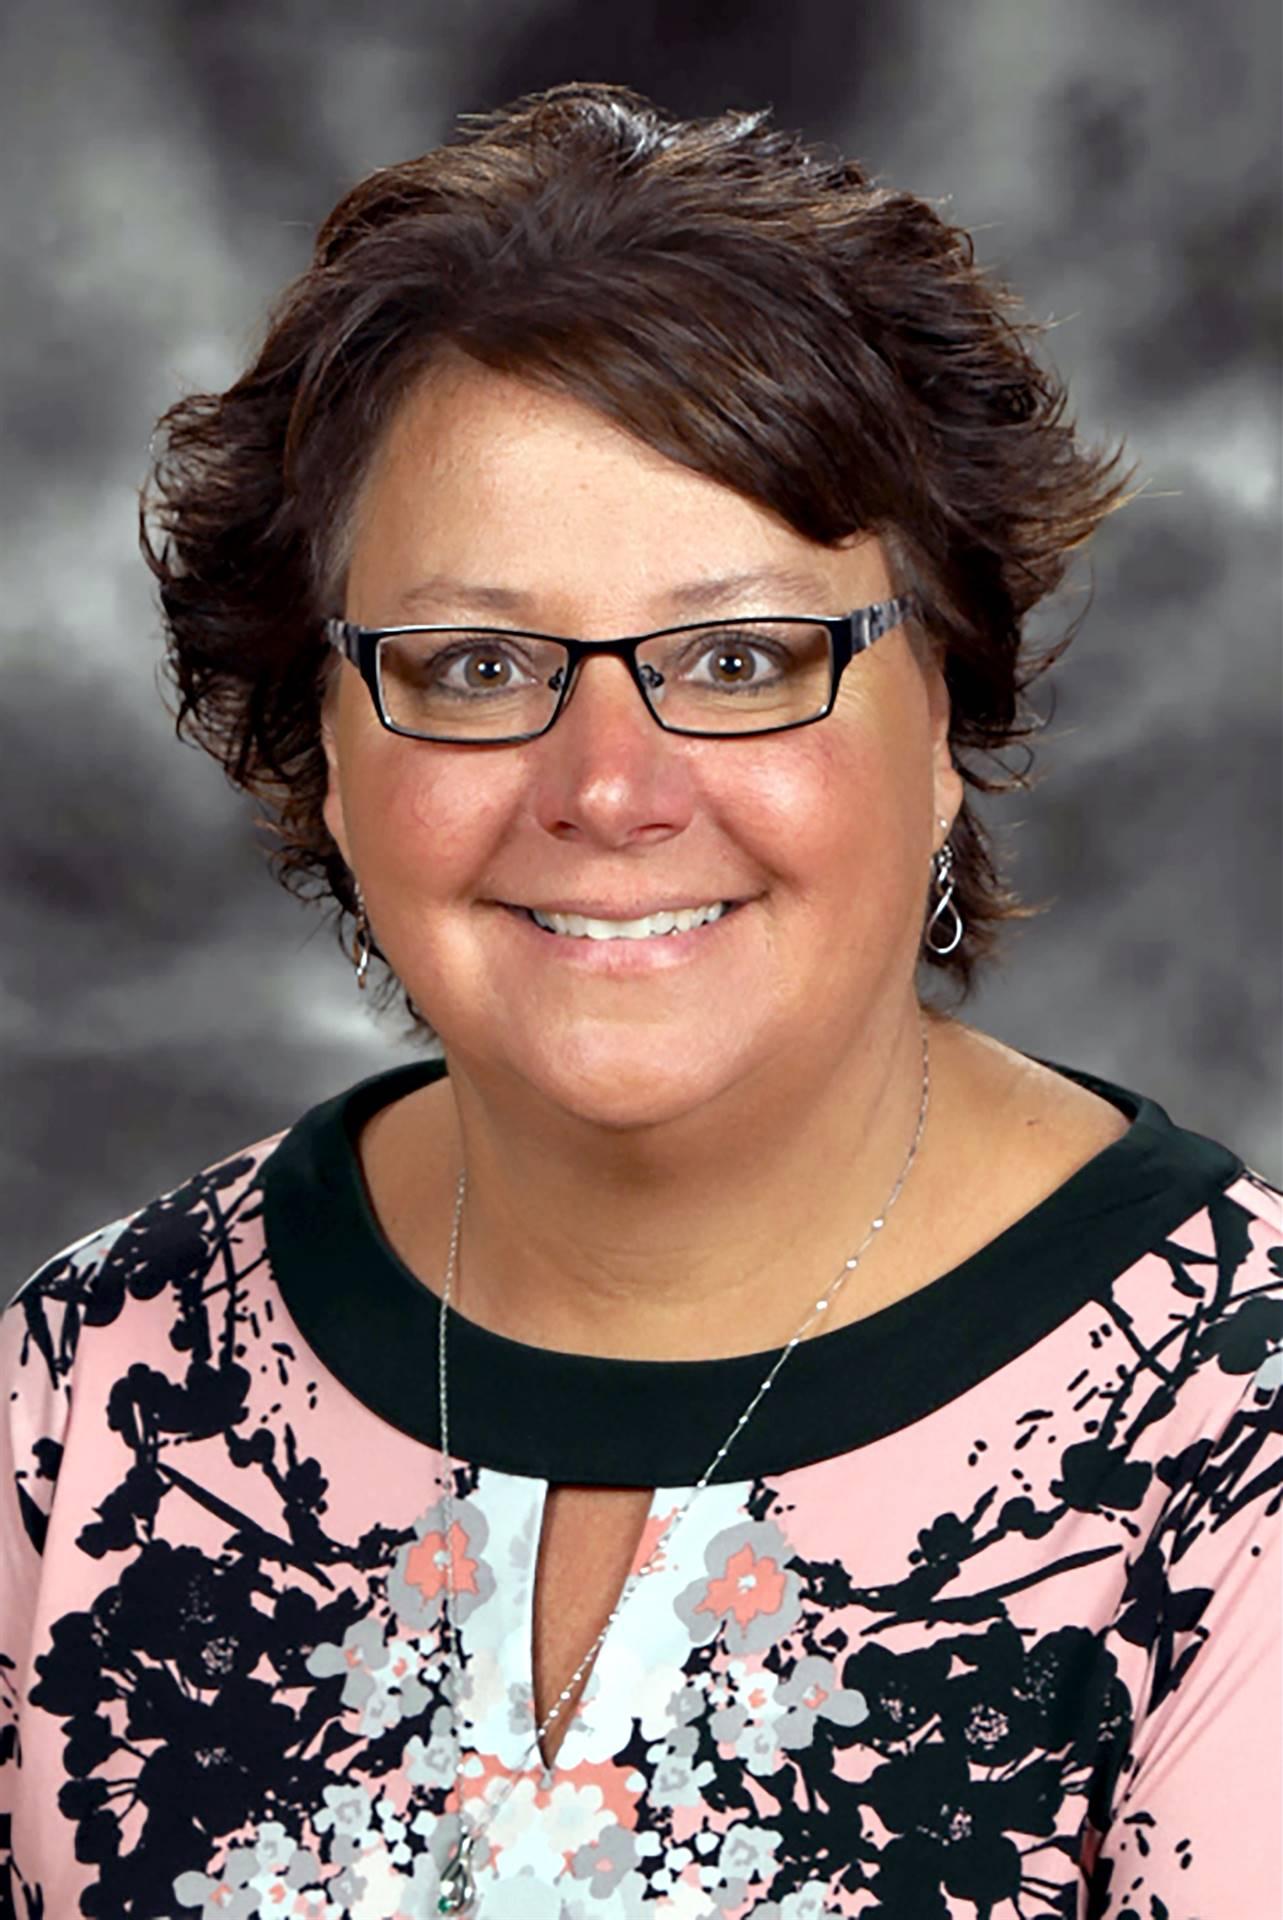 Tammi Wadeson